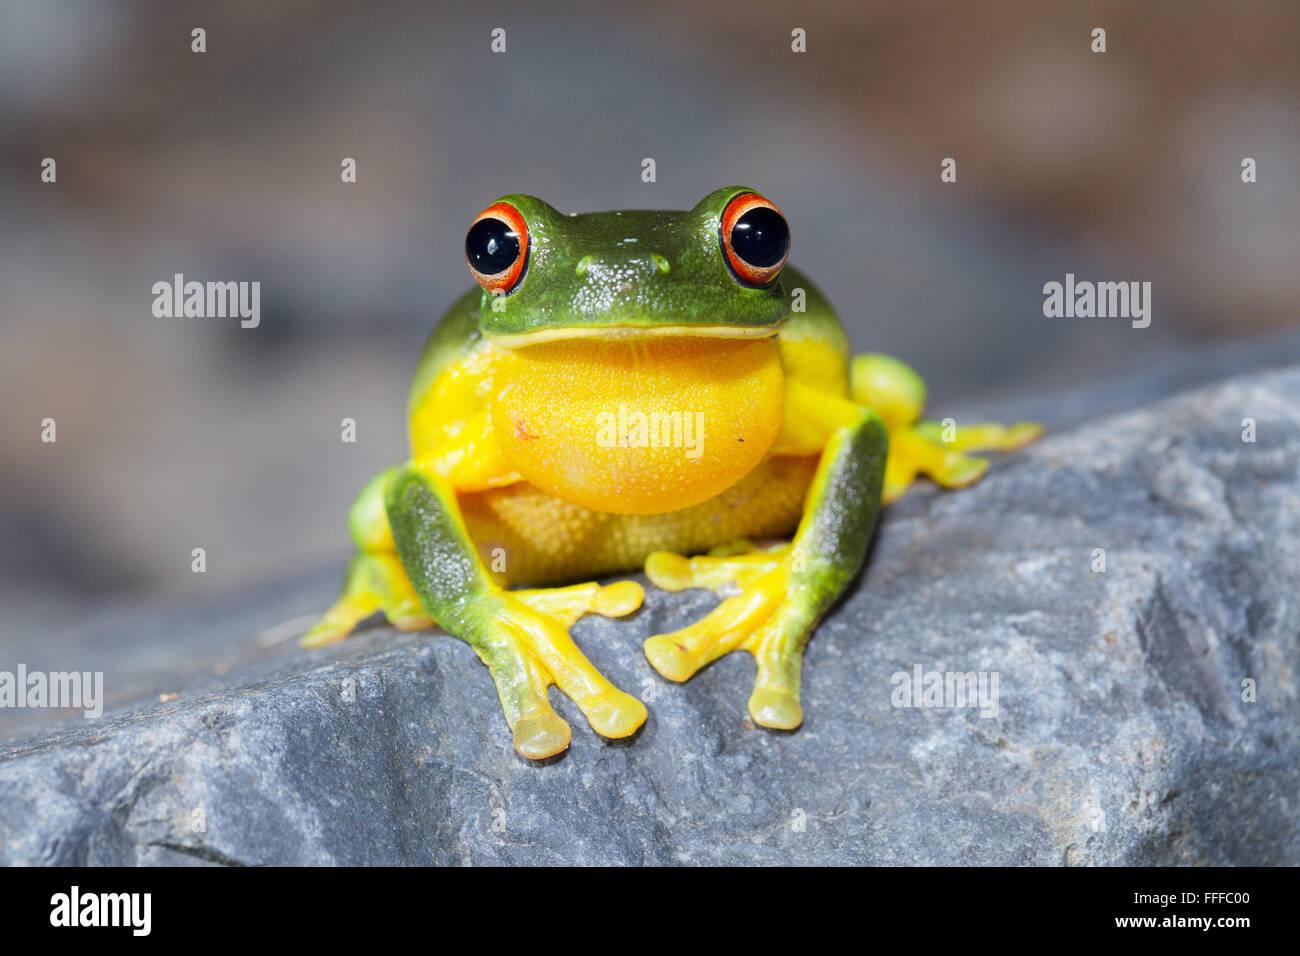 Australische rotäugigen Laubfrosch (Litoria Chloris), auch bekannt als Orange-eyed Laubfrosch, NSW, Australien Stockbild